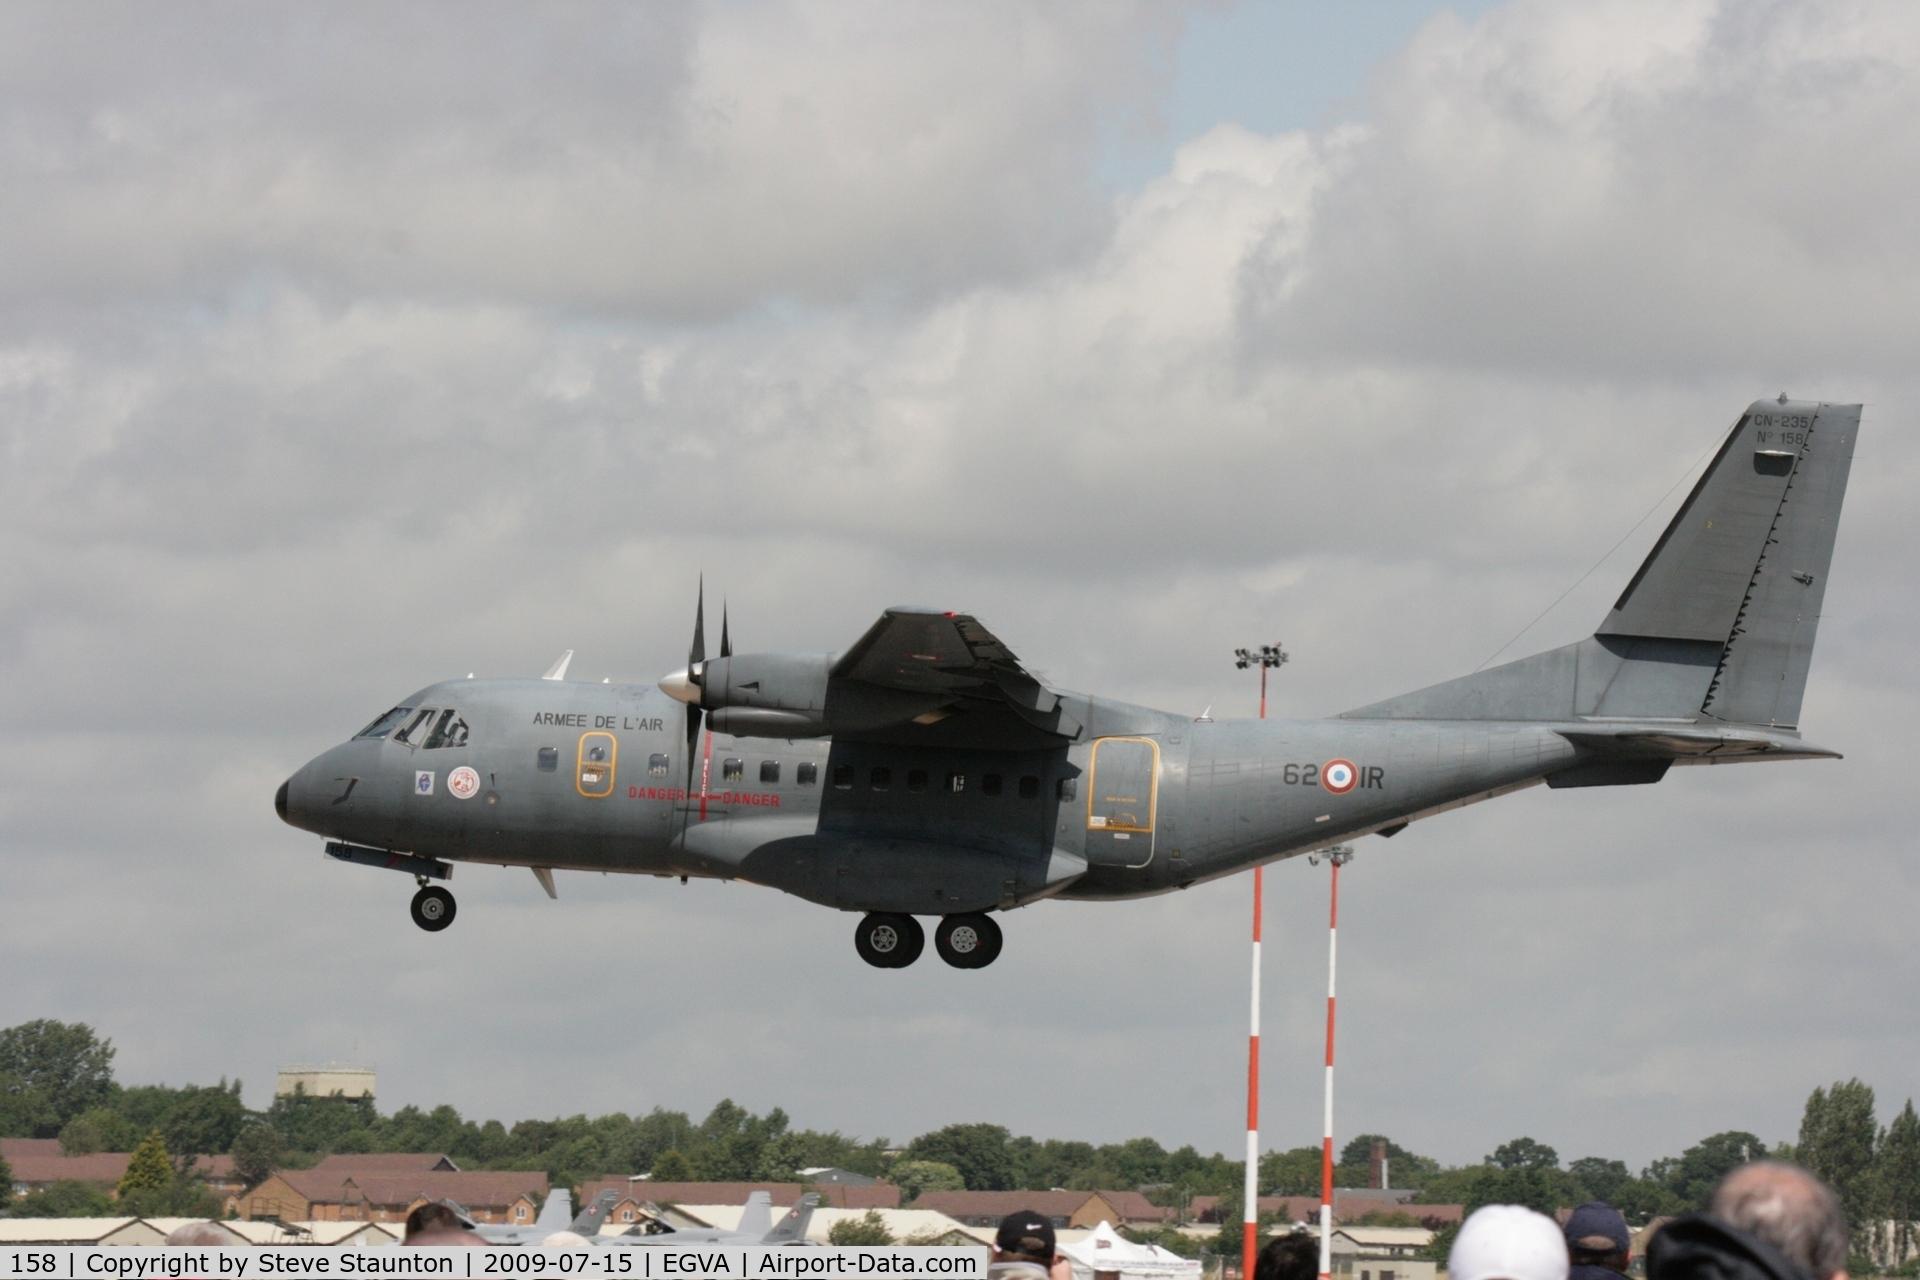 158, Airtech CN-235-200M C/N C158, Taken at the Royal International Air Tattoo 2009